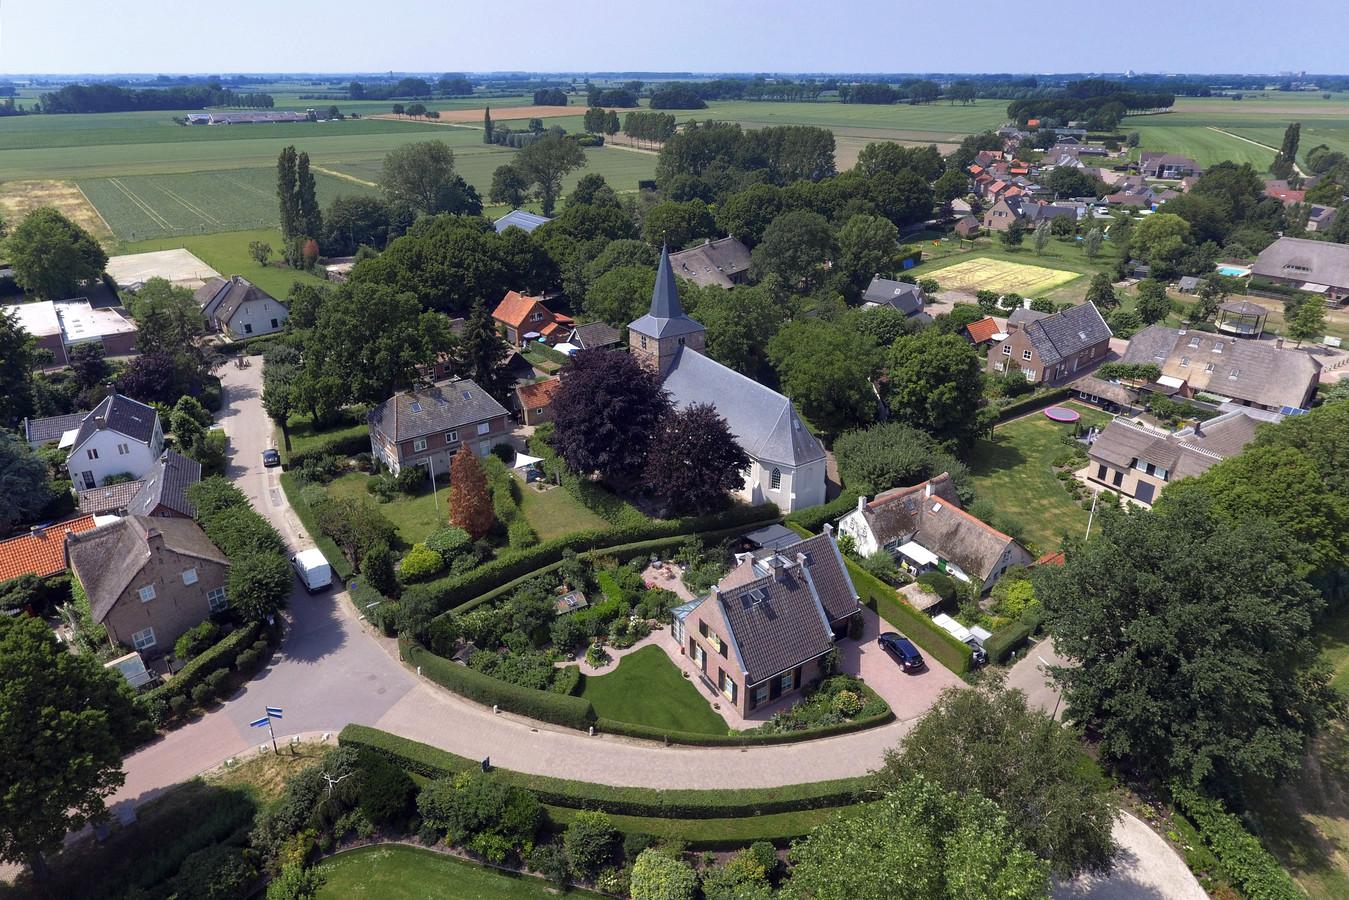 Uitwijk is gebouwd op een donk. Op de luchtfoto is dat nog een beetje te zien: de kerk ligt hoger dan de rest van het dorp.